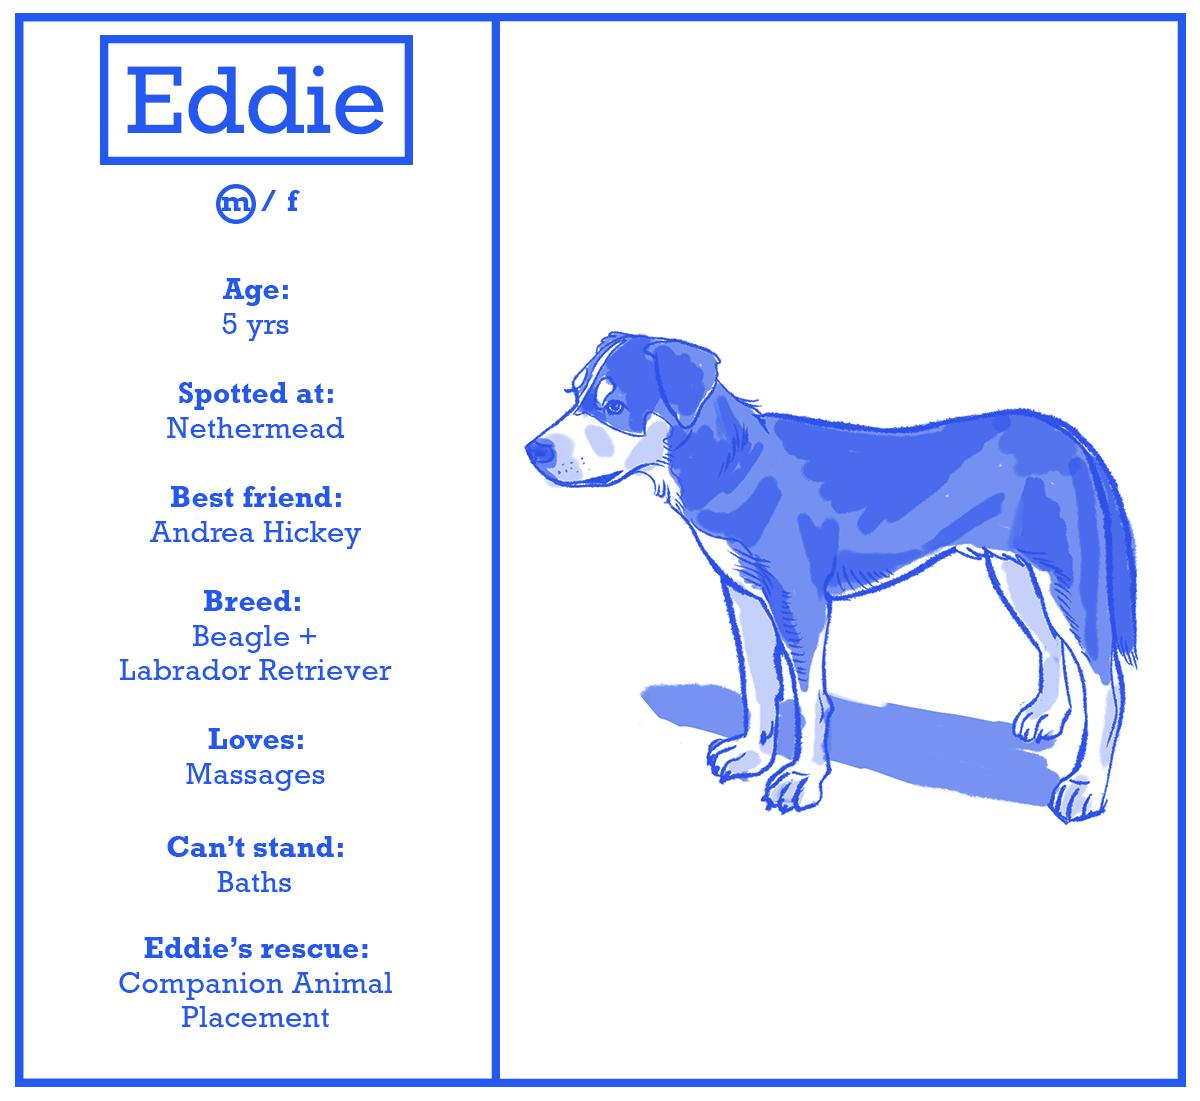 eddie.png